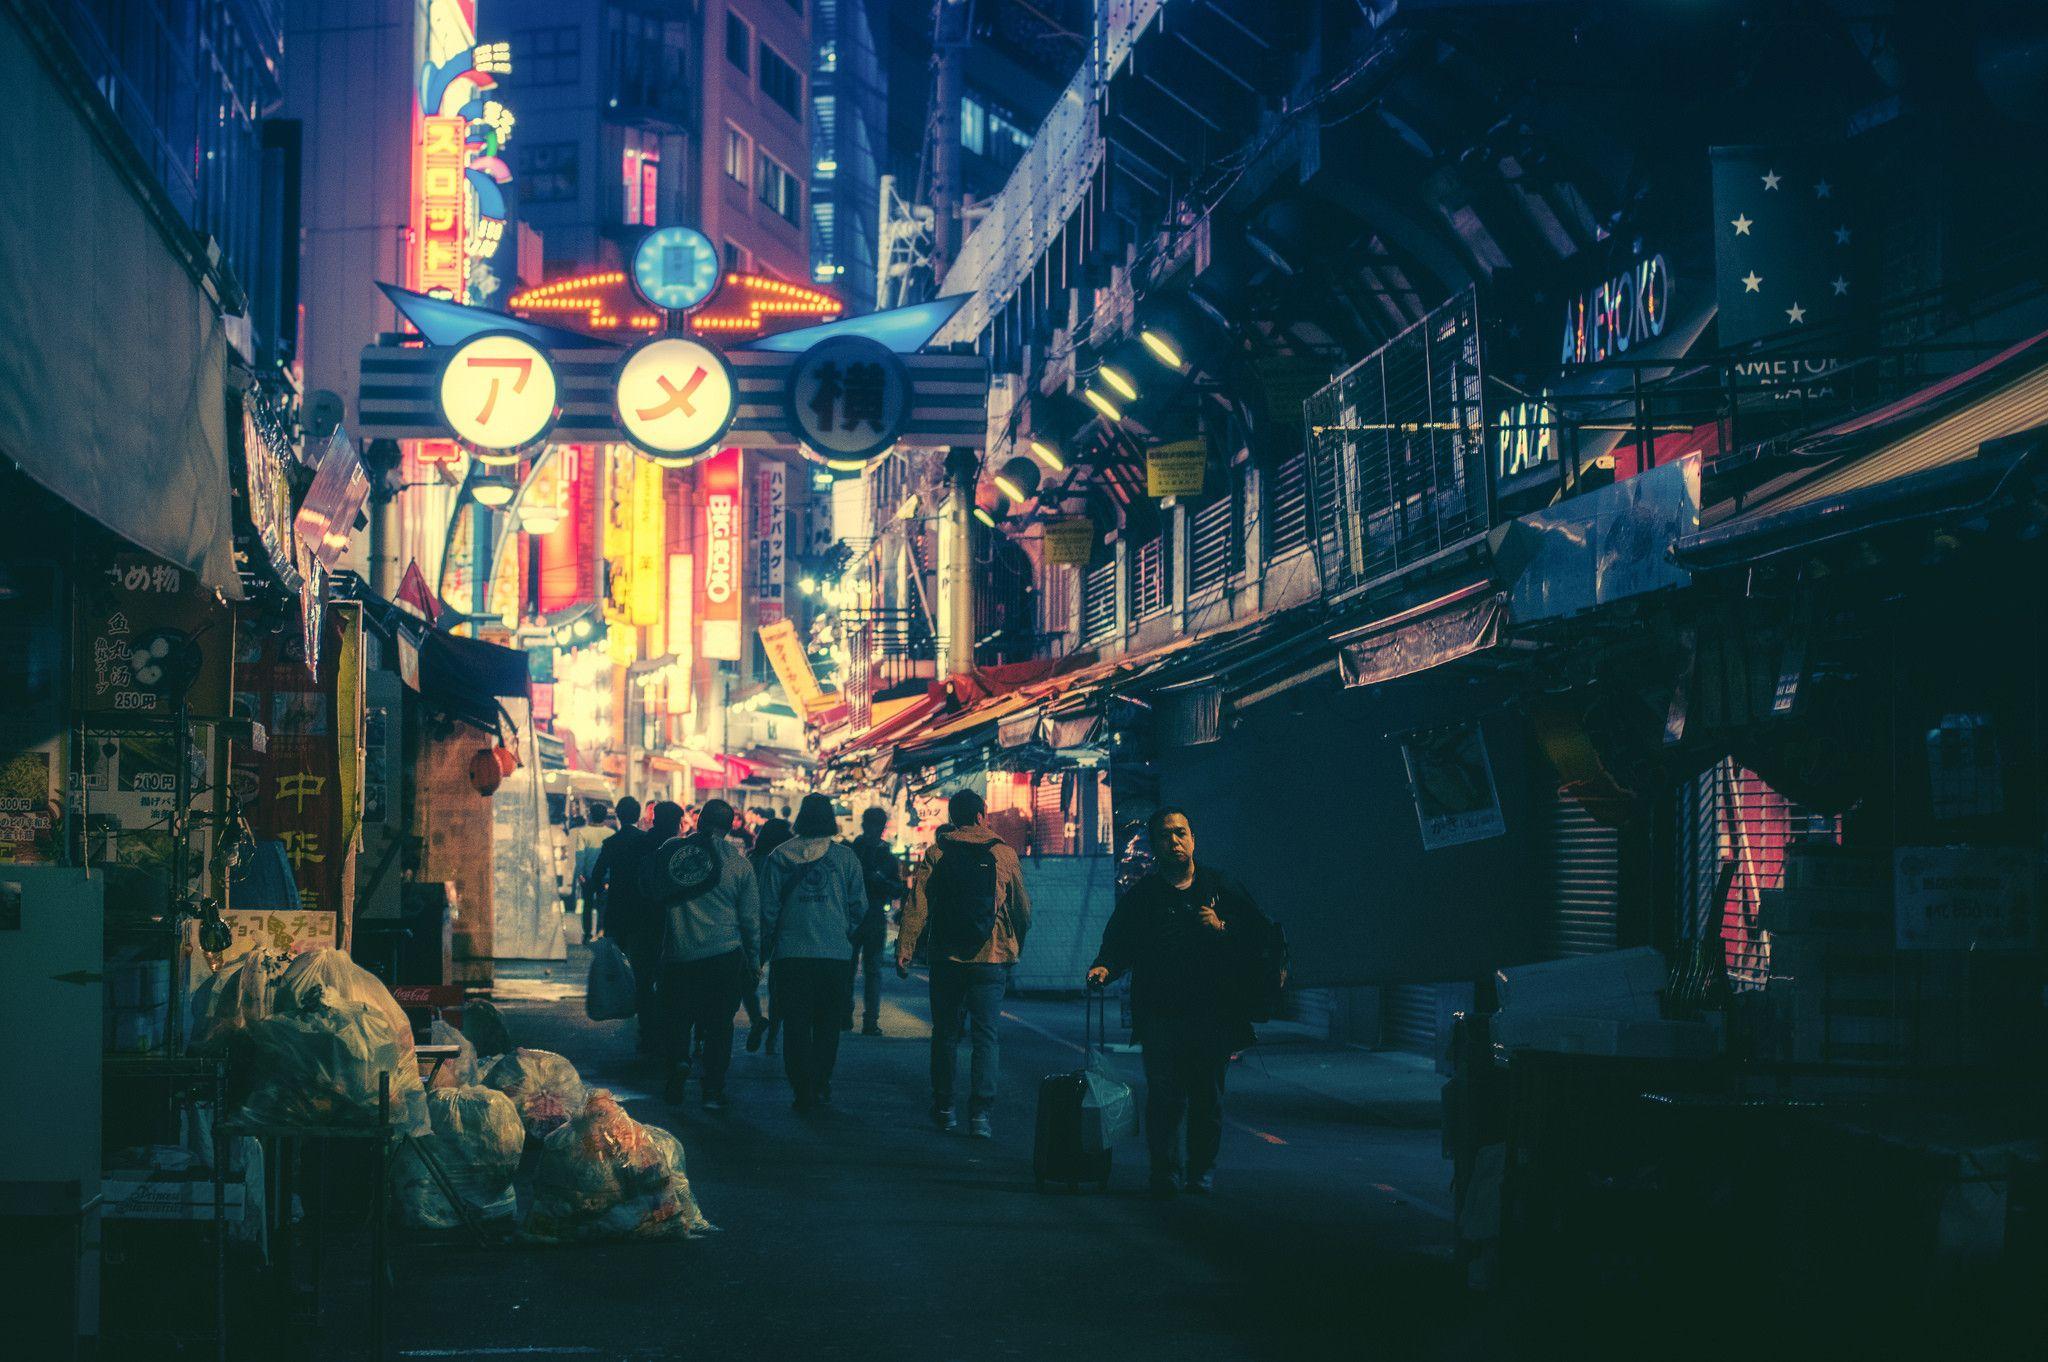 虚無的だが美しい!日本人の写真家が撮った東京の写真が話題に→海外「ホームシックになったw」 海外まとめネット   海外の反応まとめブログ